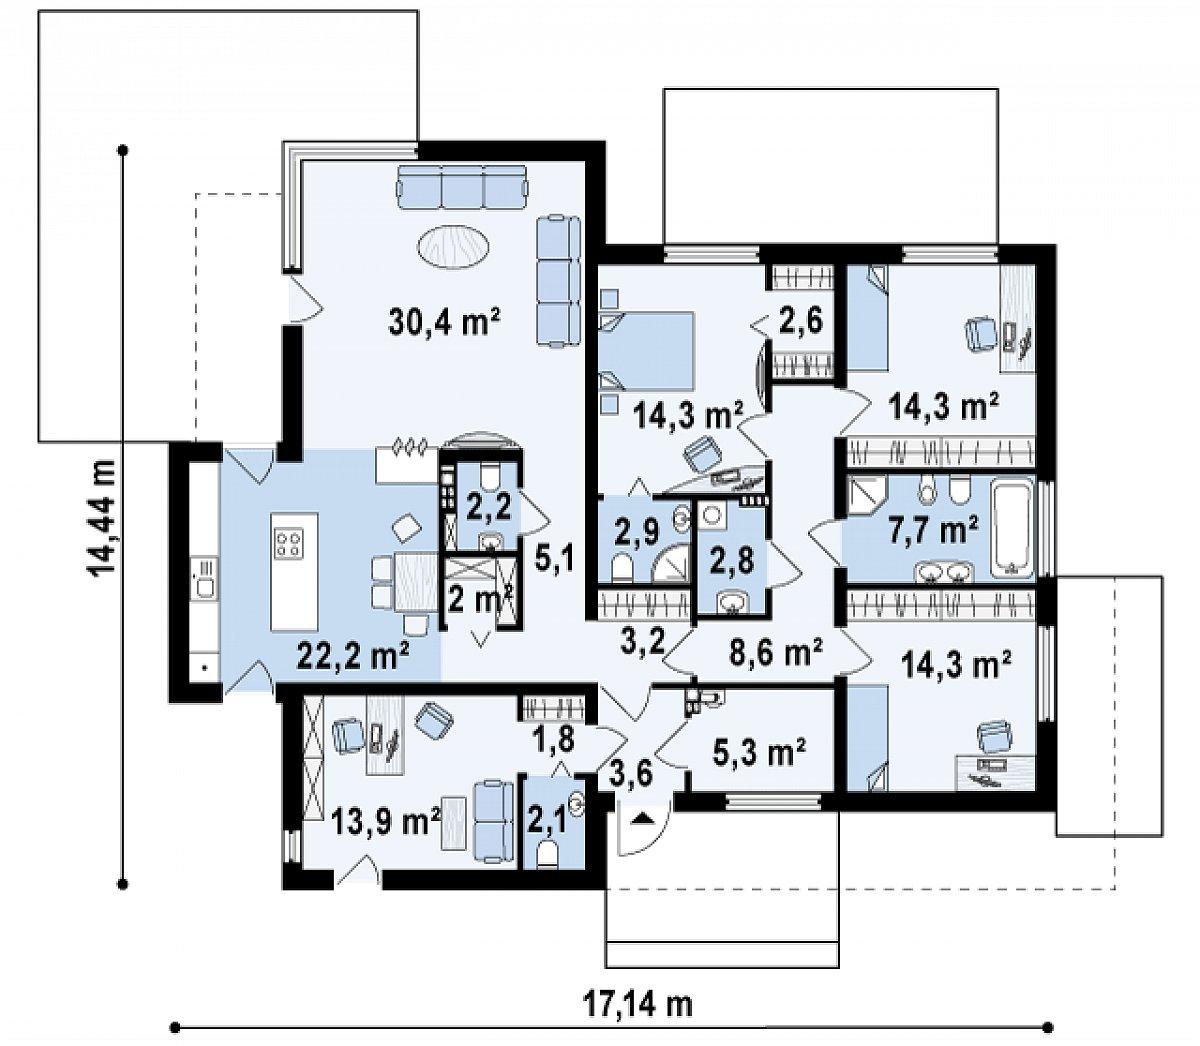 Первый этаж 159,3м² дома Zx101